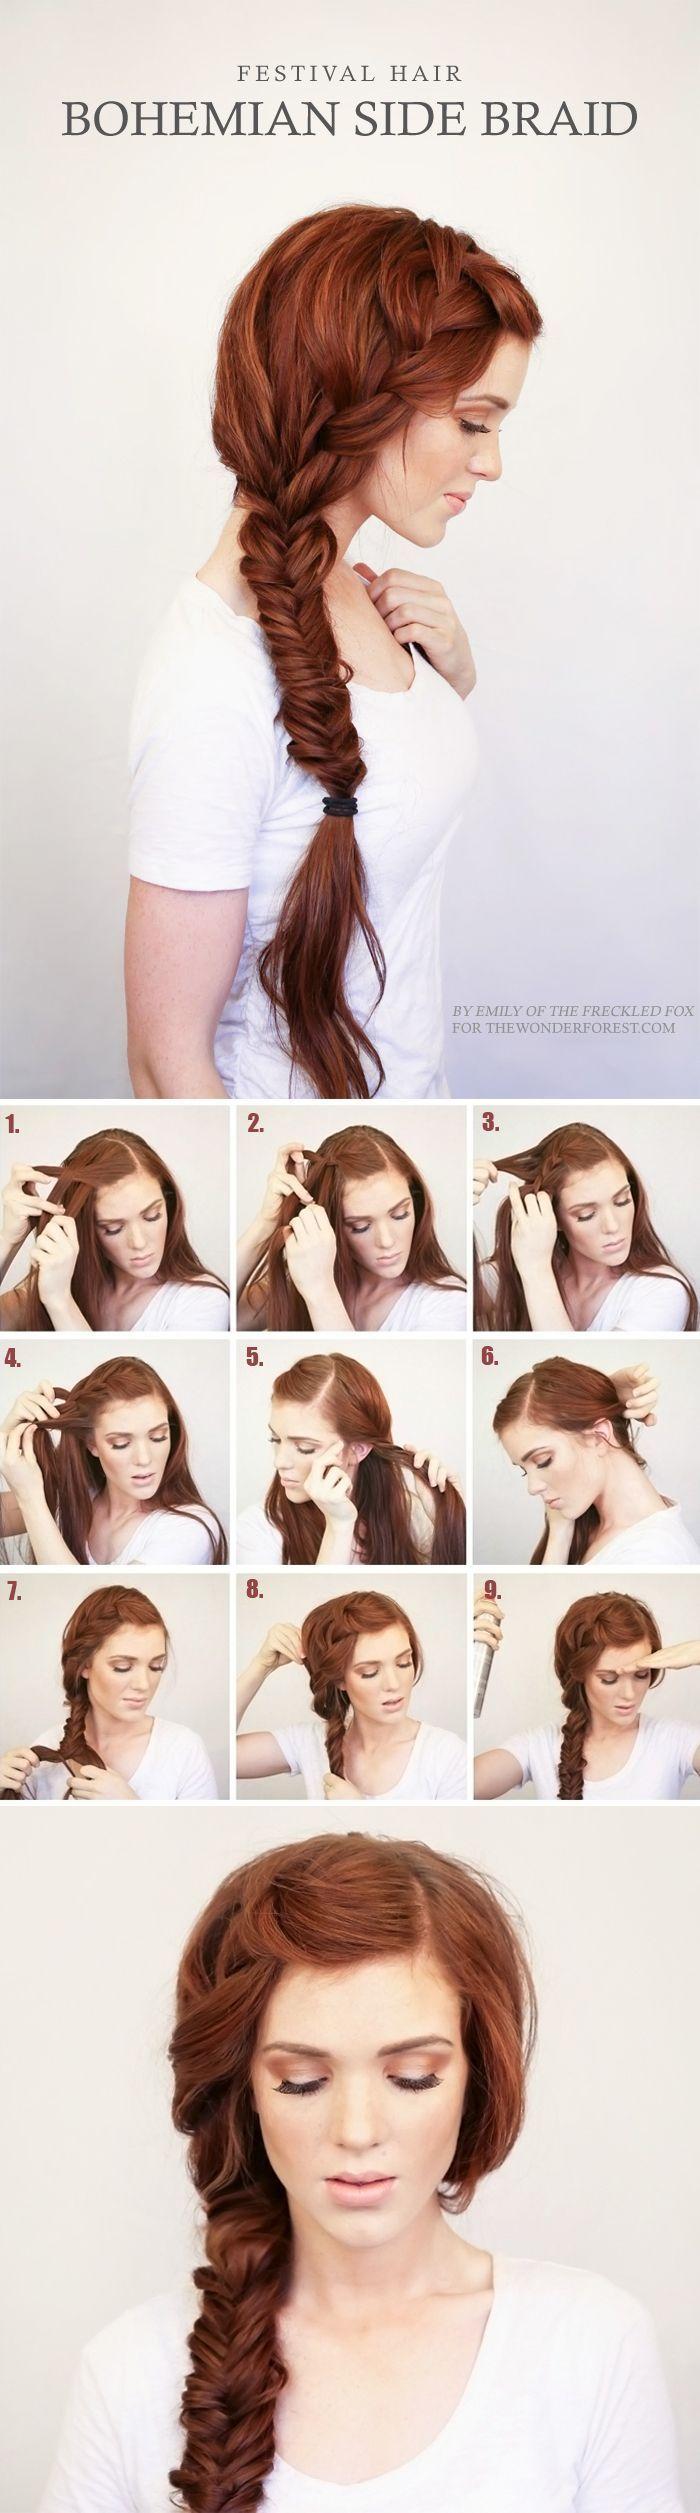 easy diy side braid boho bridal hairstyle idea